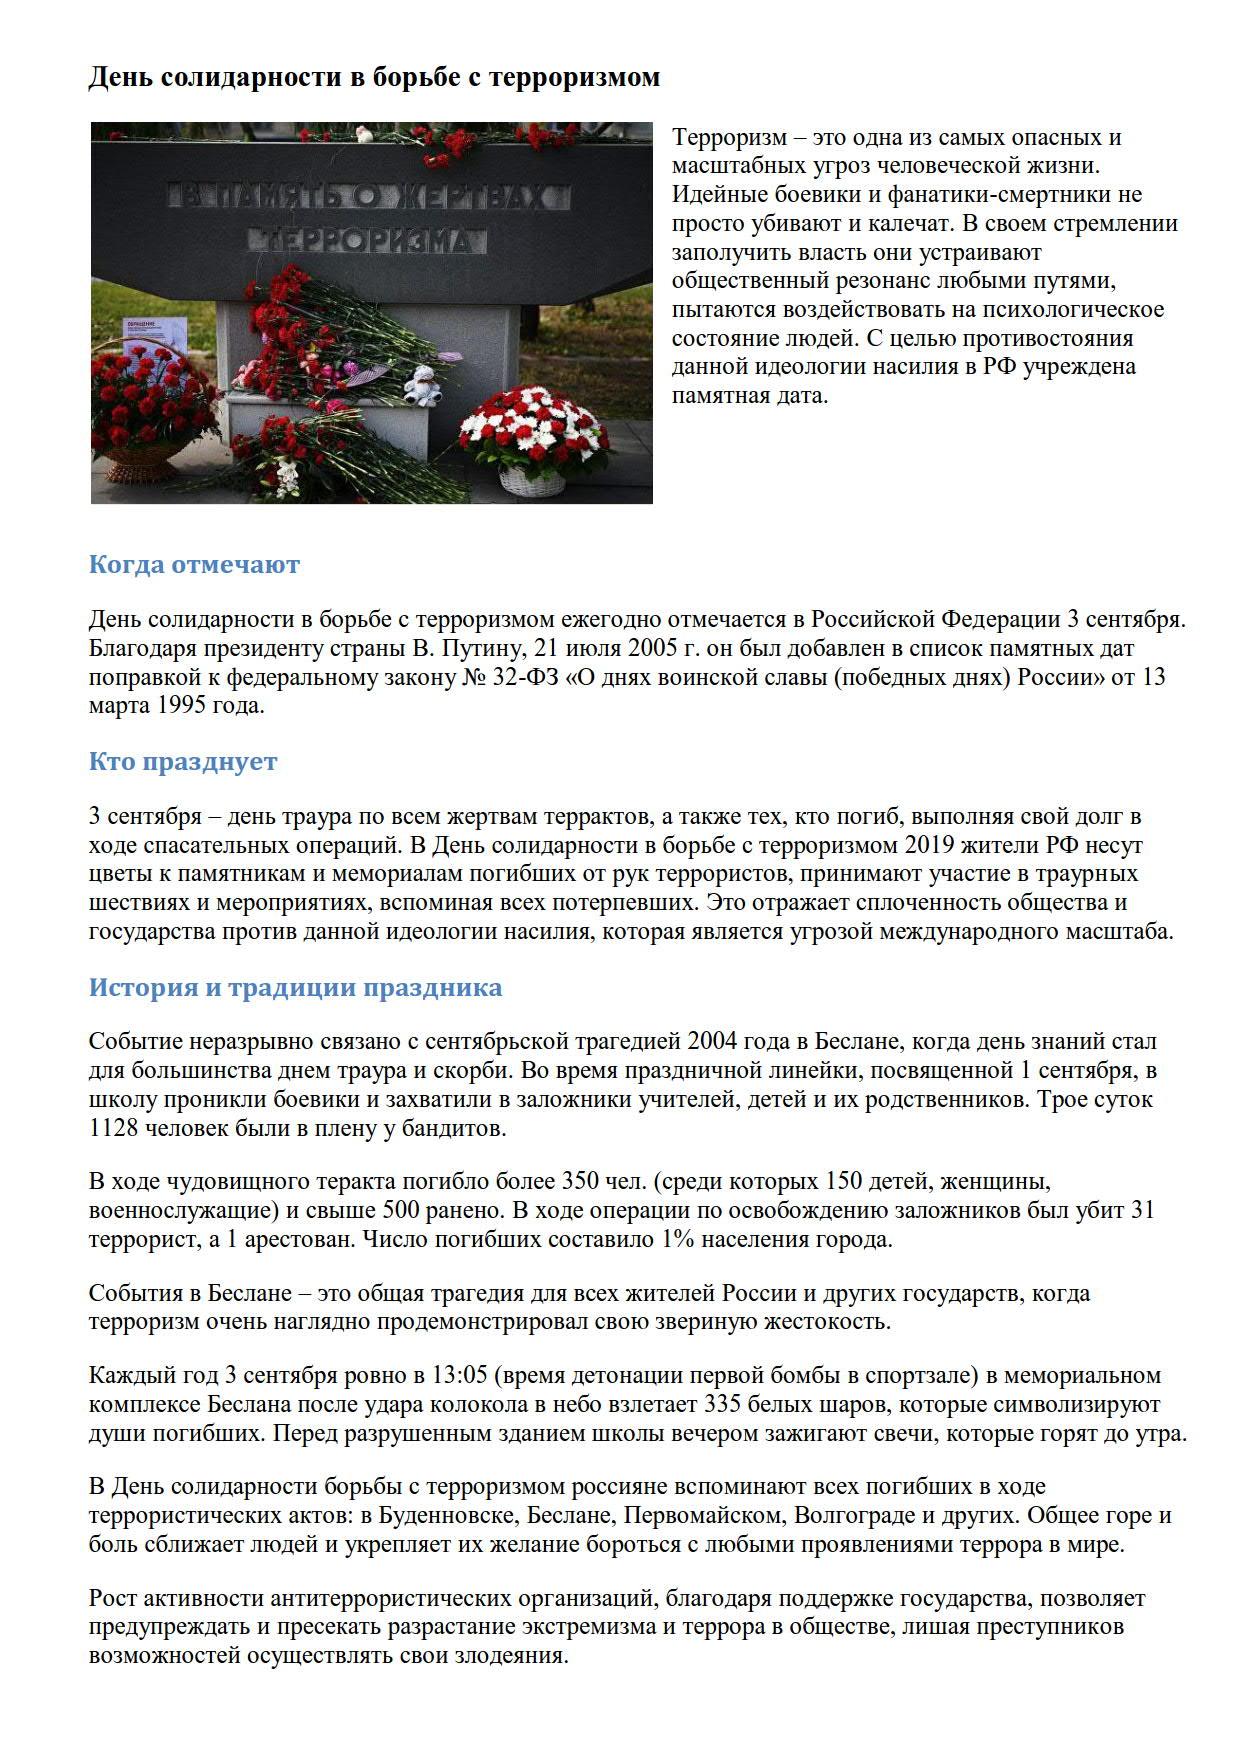 03.09.2019 День солидарности в борьбе с терроризмом_1